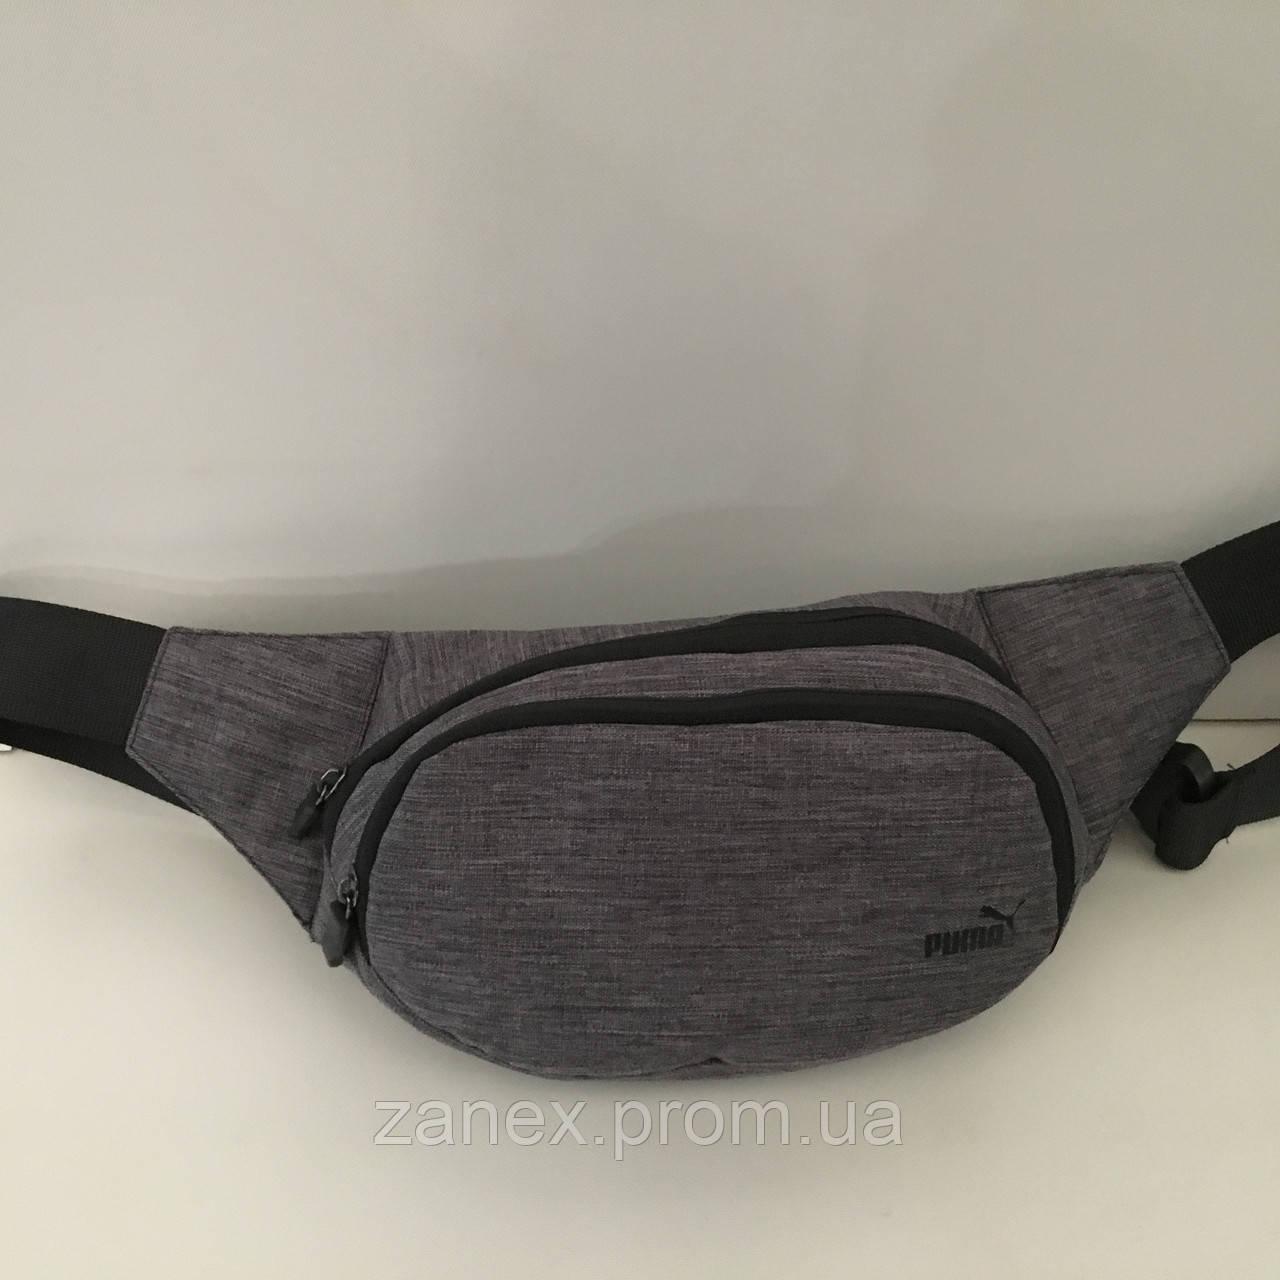 Поясная сумка серая Puma 2 отделения (Бананка, Сумка на пояс, сумка на плечо)